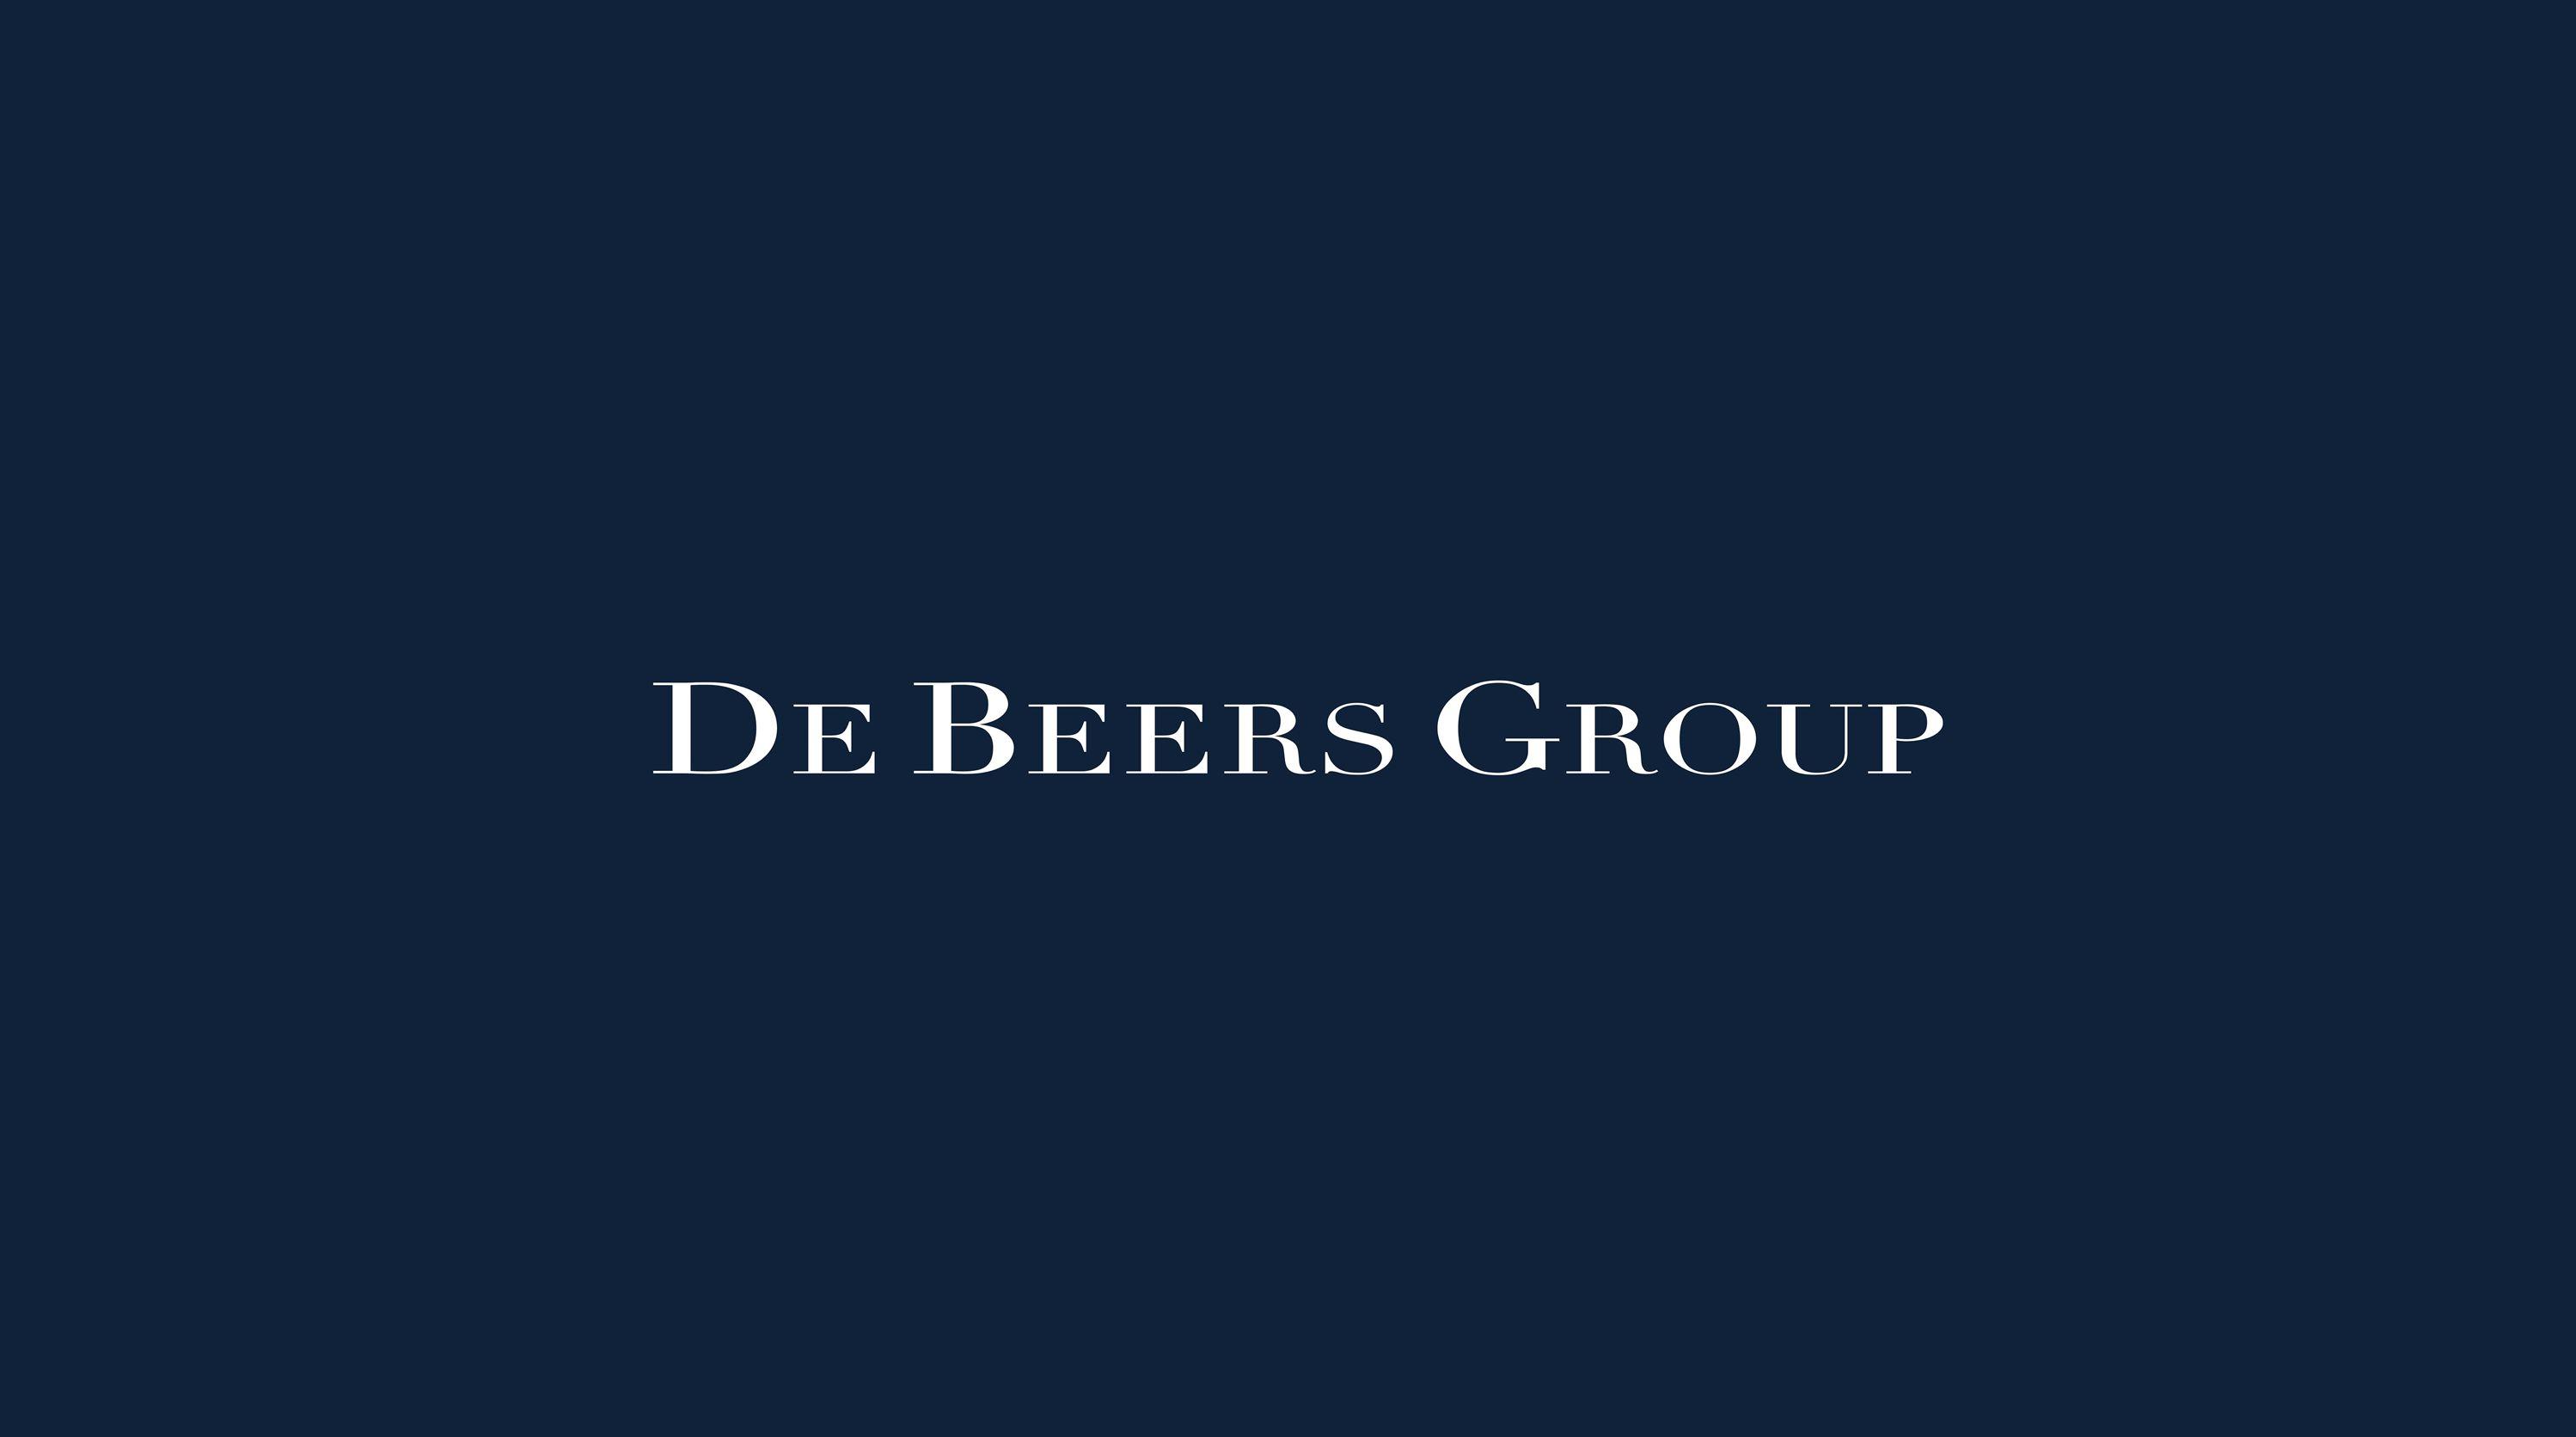 De Beers Group logo